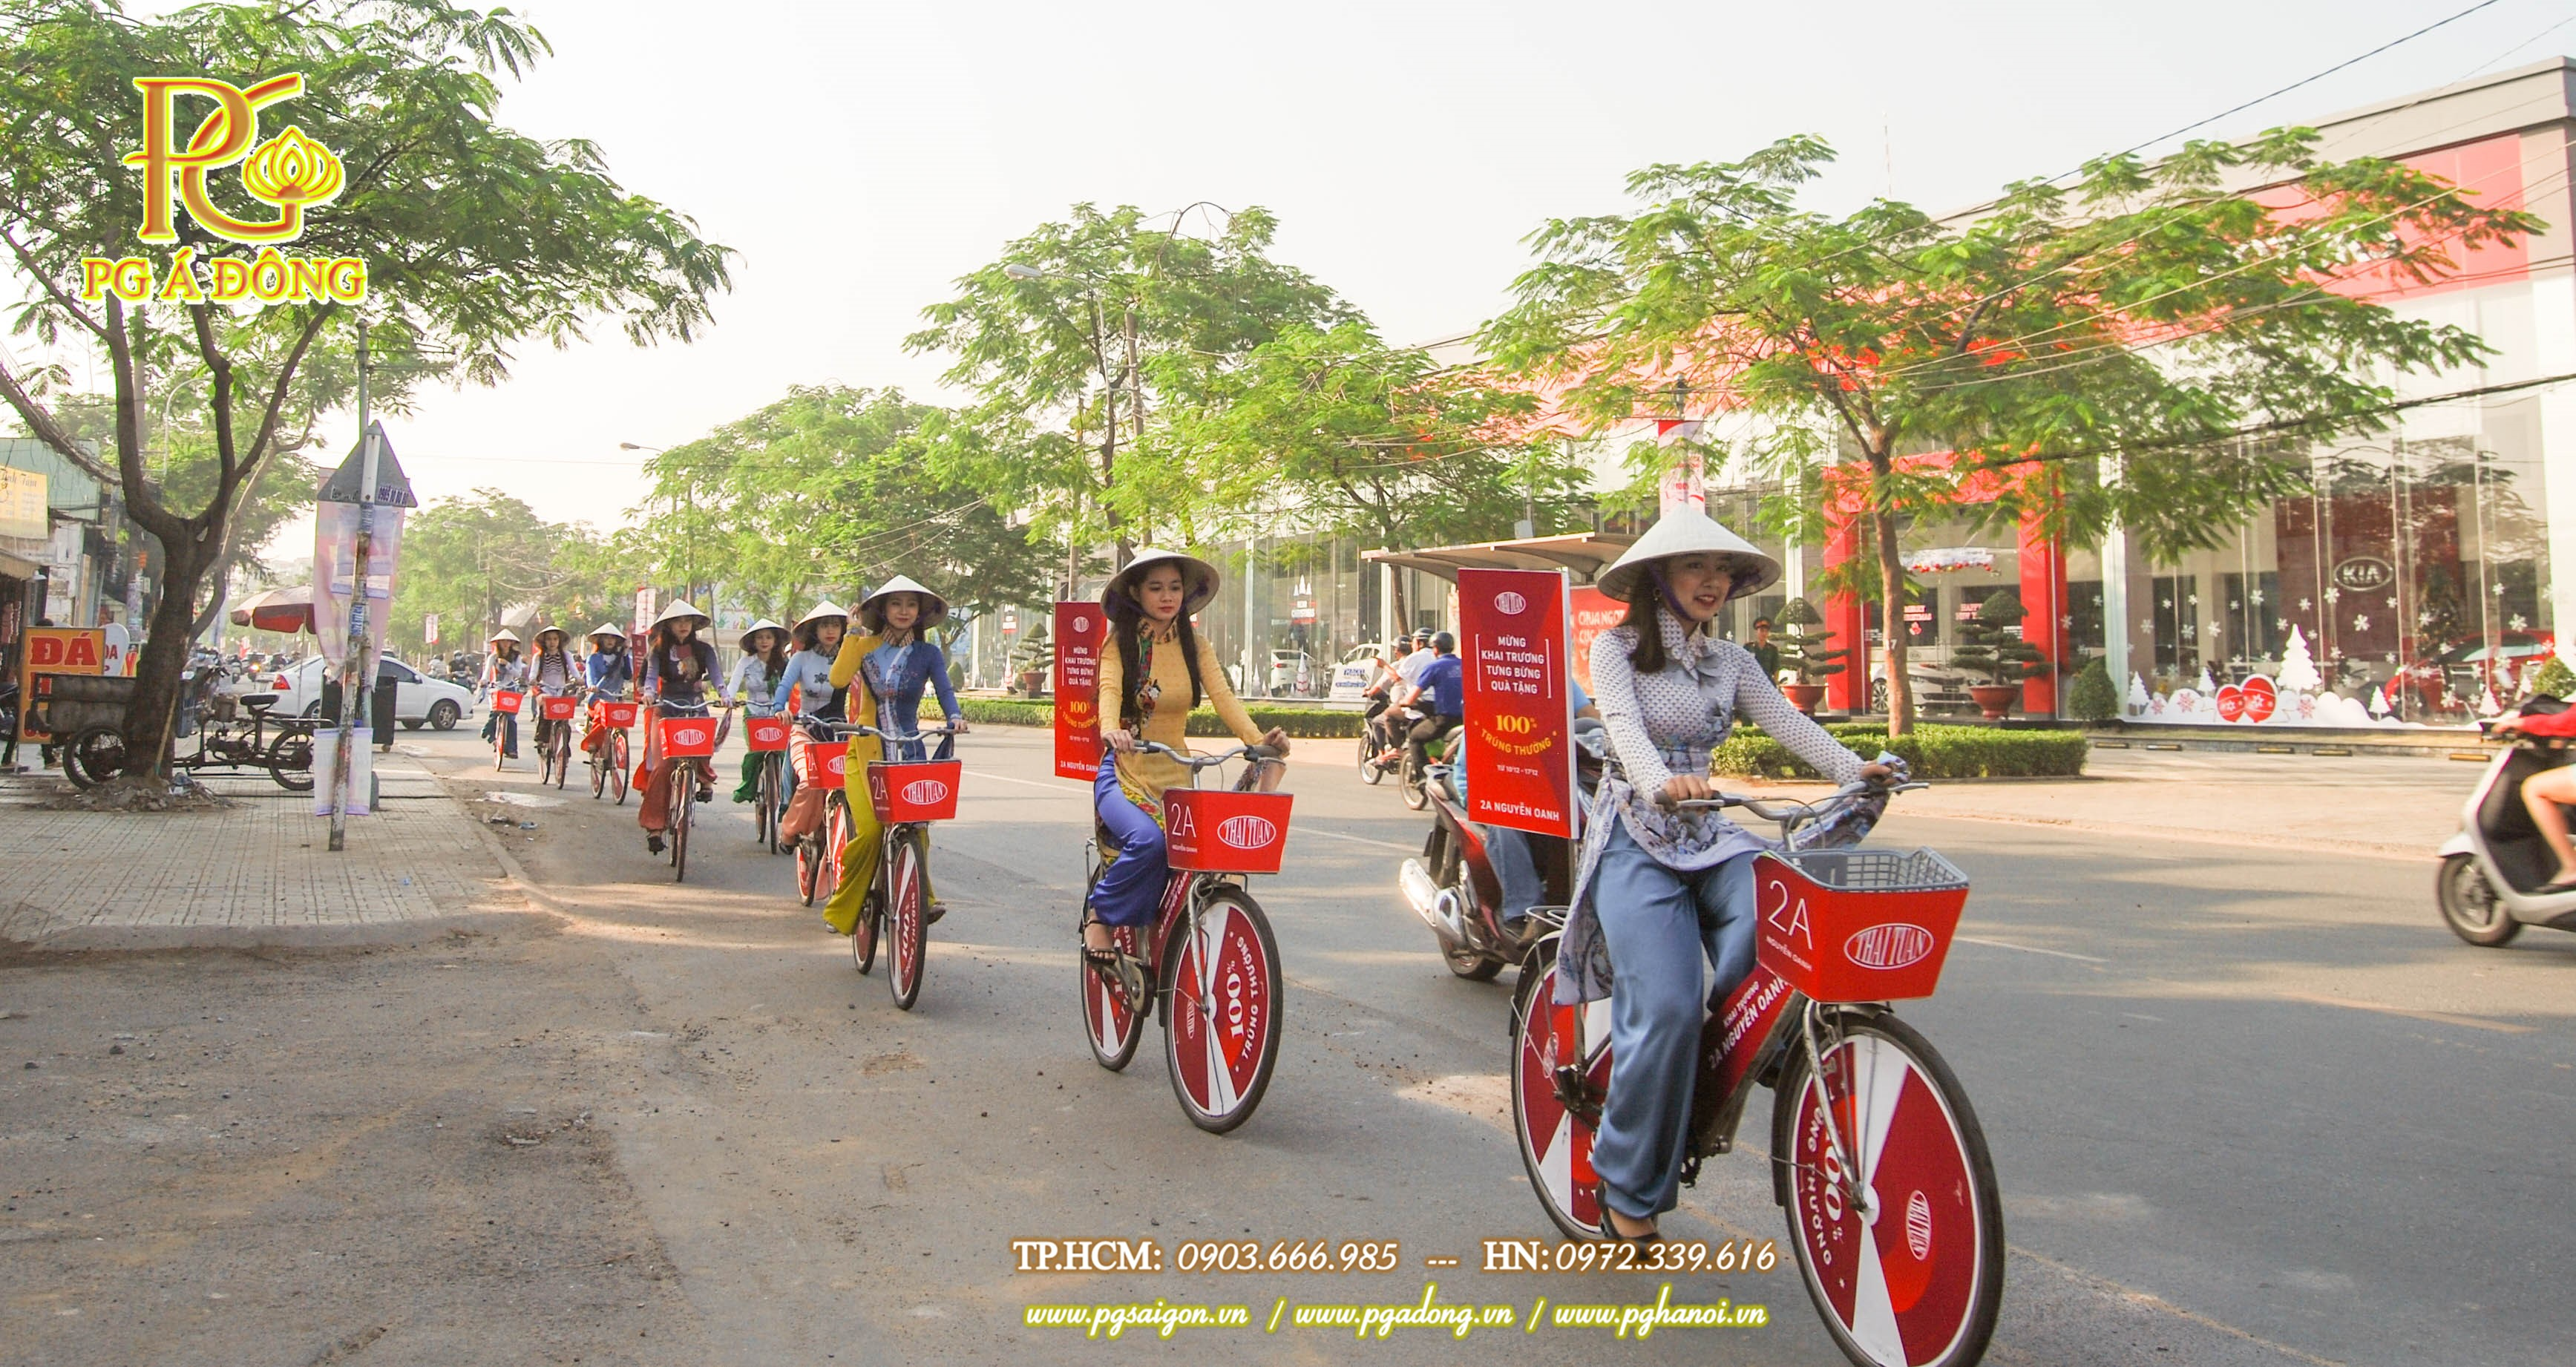 Đoàn roadshow xe đạp nổi bật trên đường Nguyễn Oanh